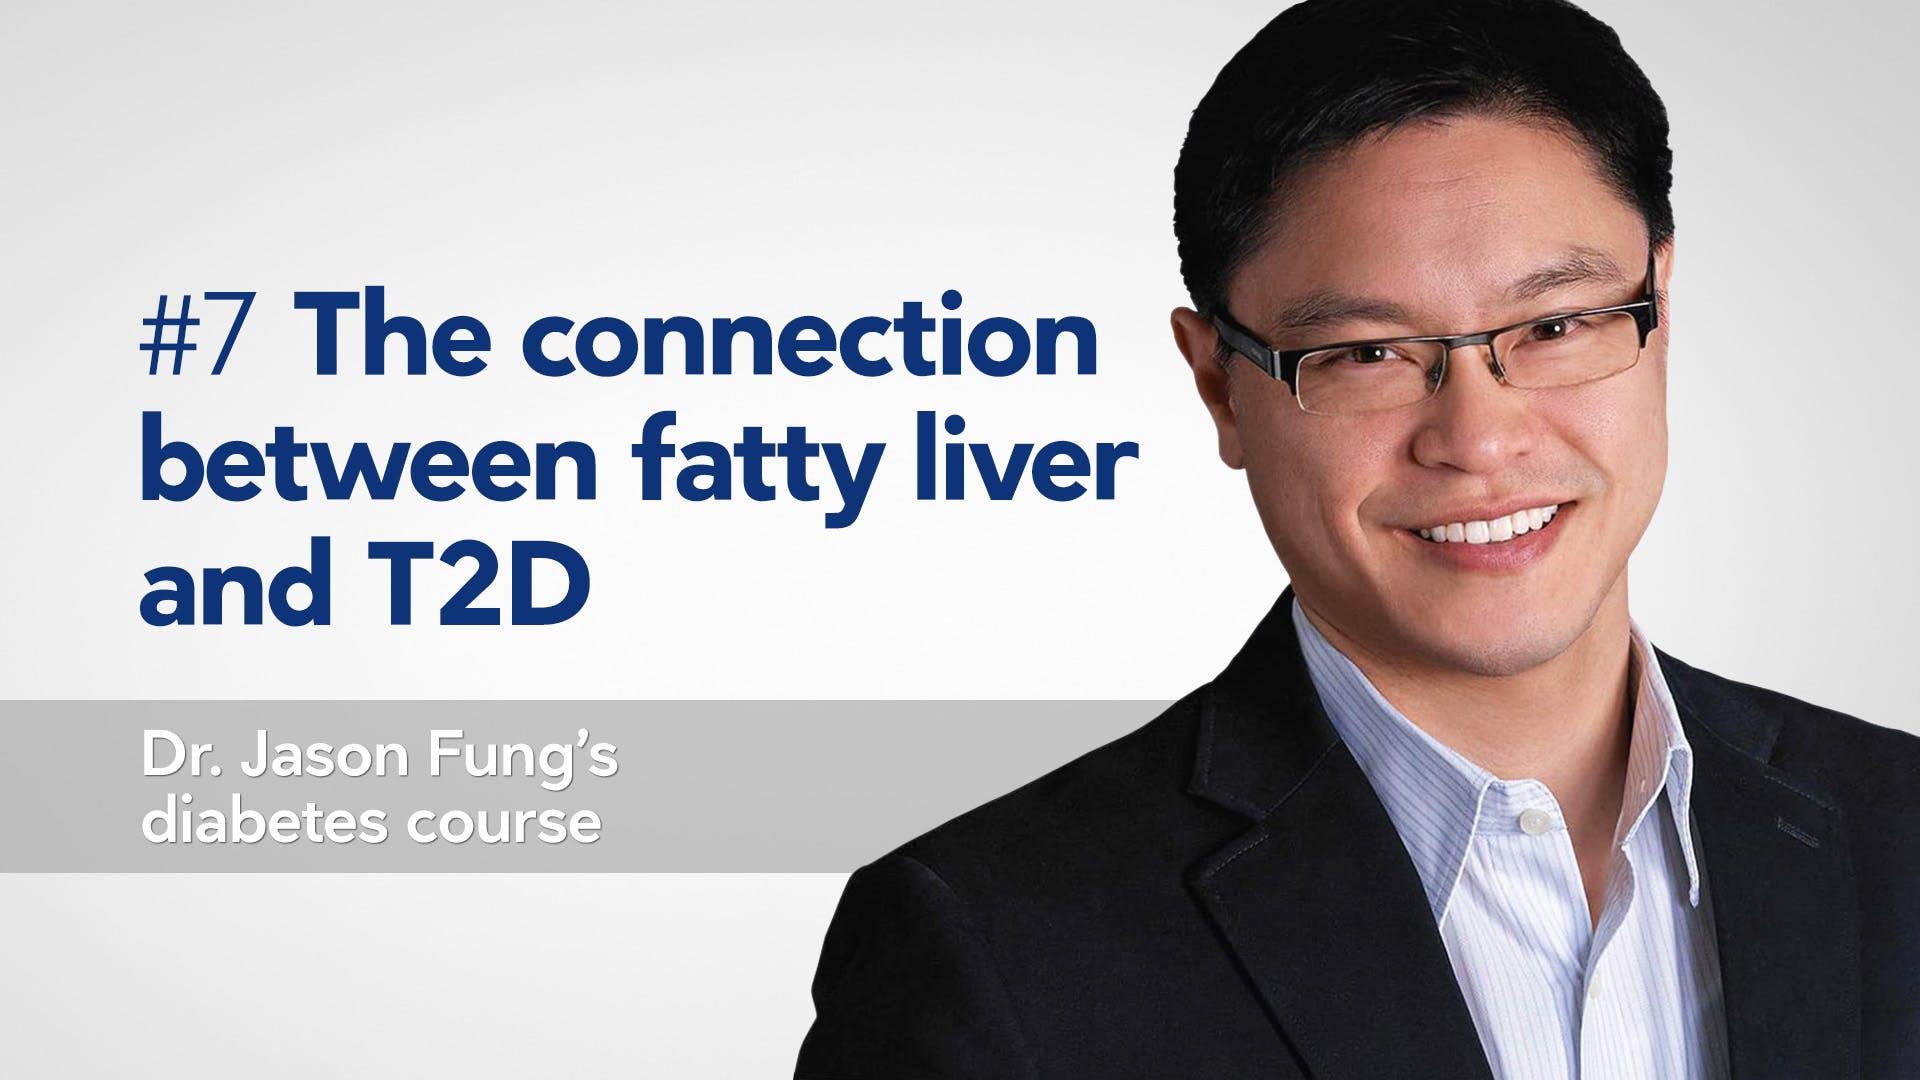 Part 7 of Dr. Jason Fung's diabetes course